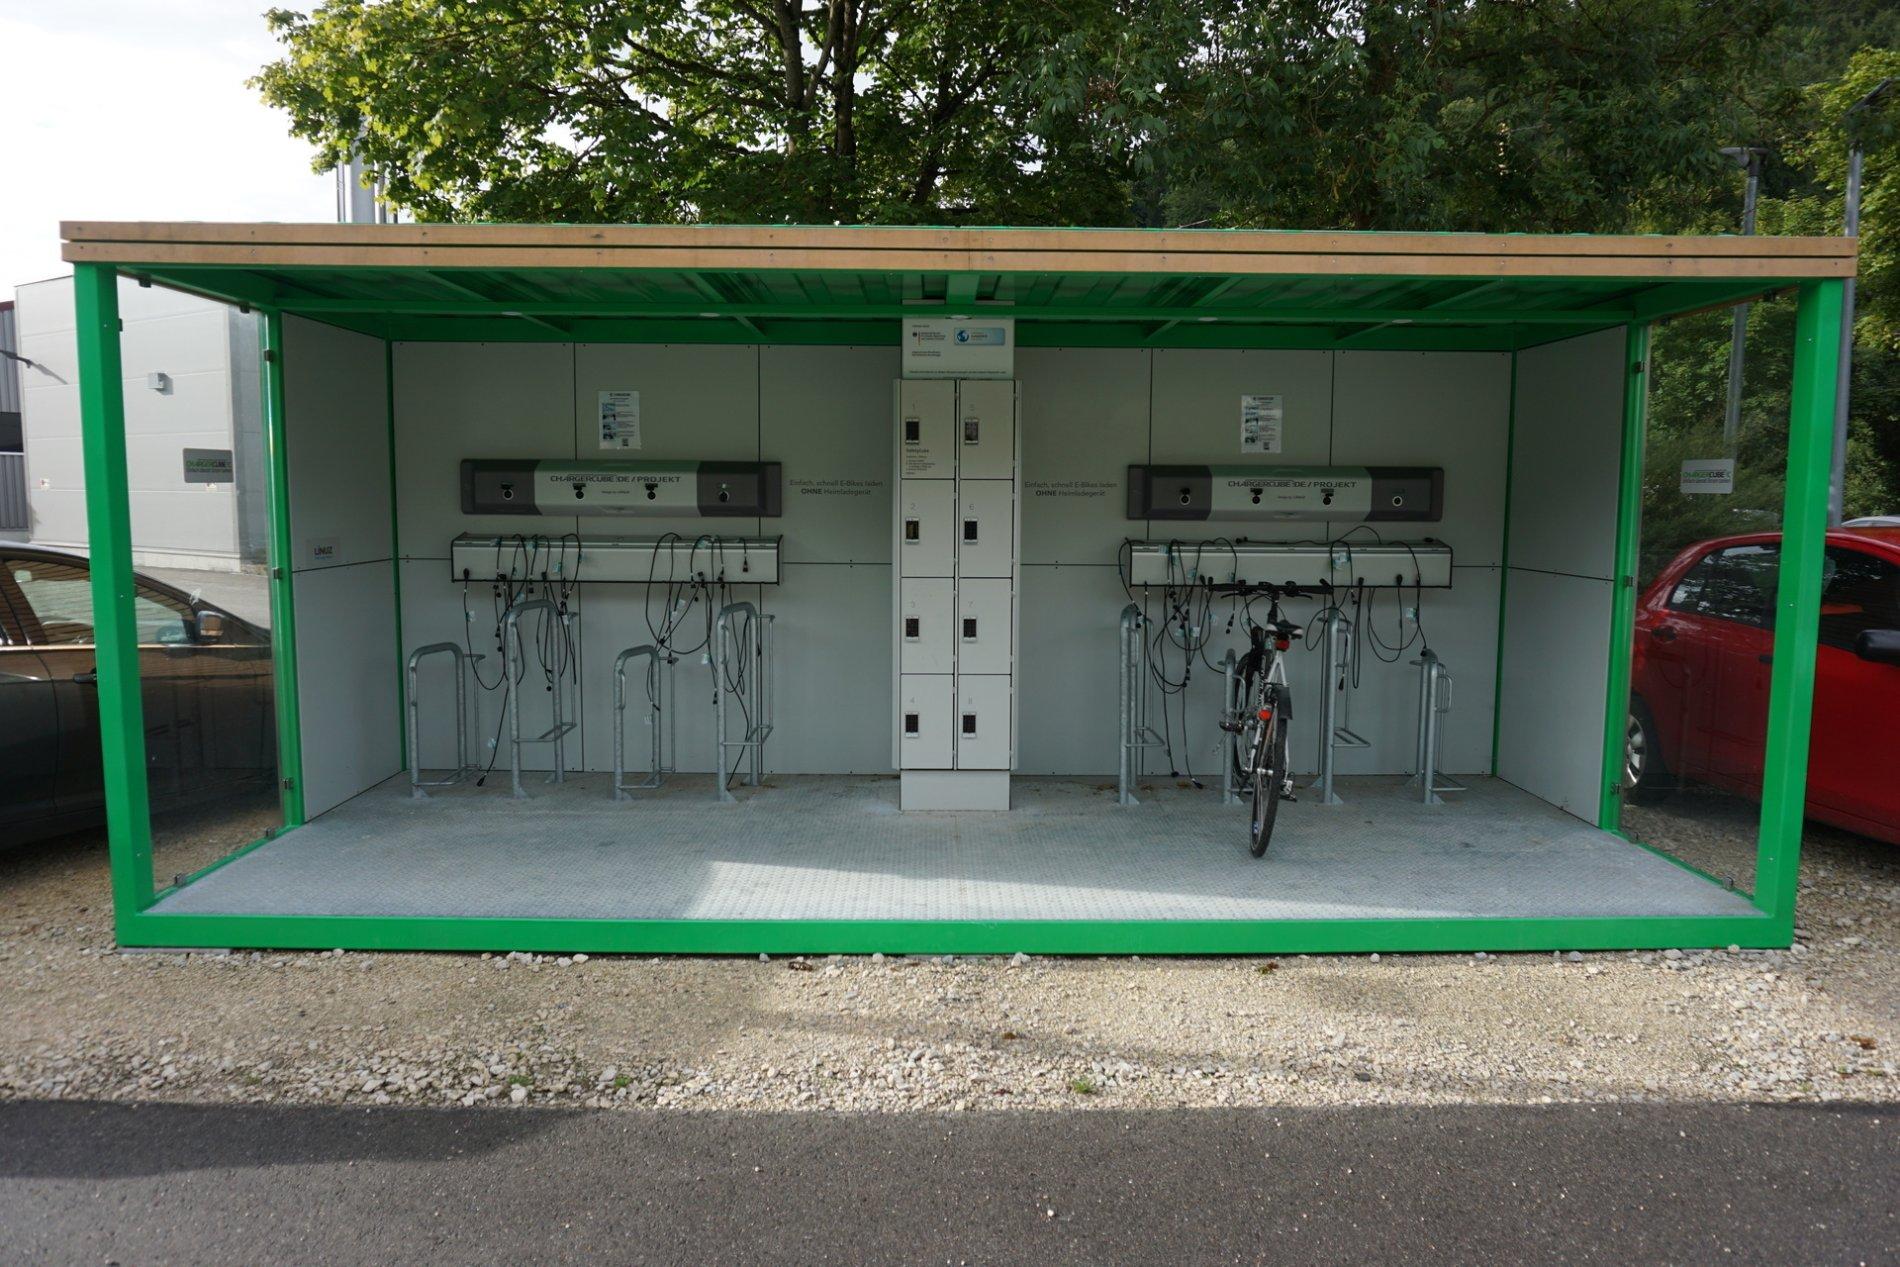 eine grüne E-Bike Ladestation mit verschiedenen Anschlüssen